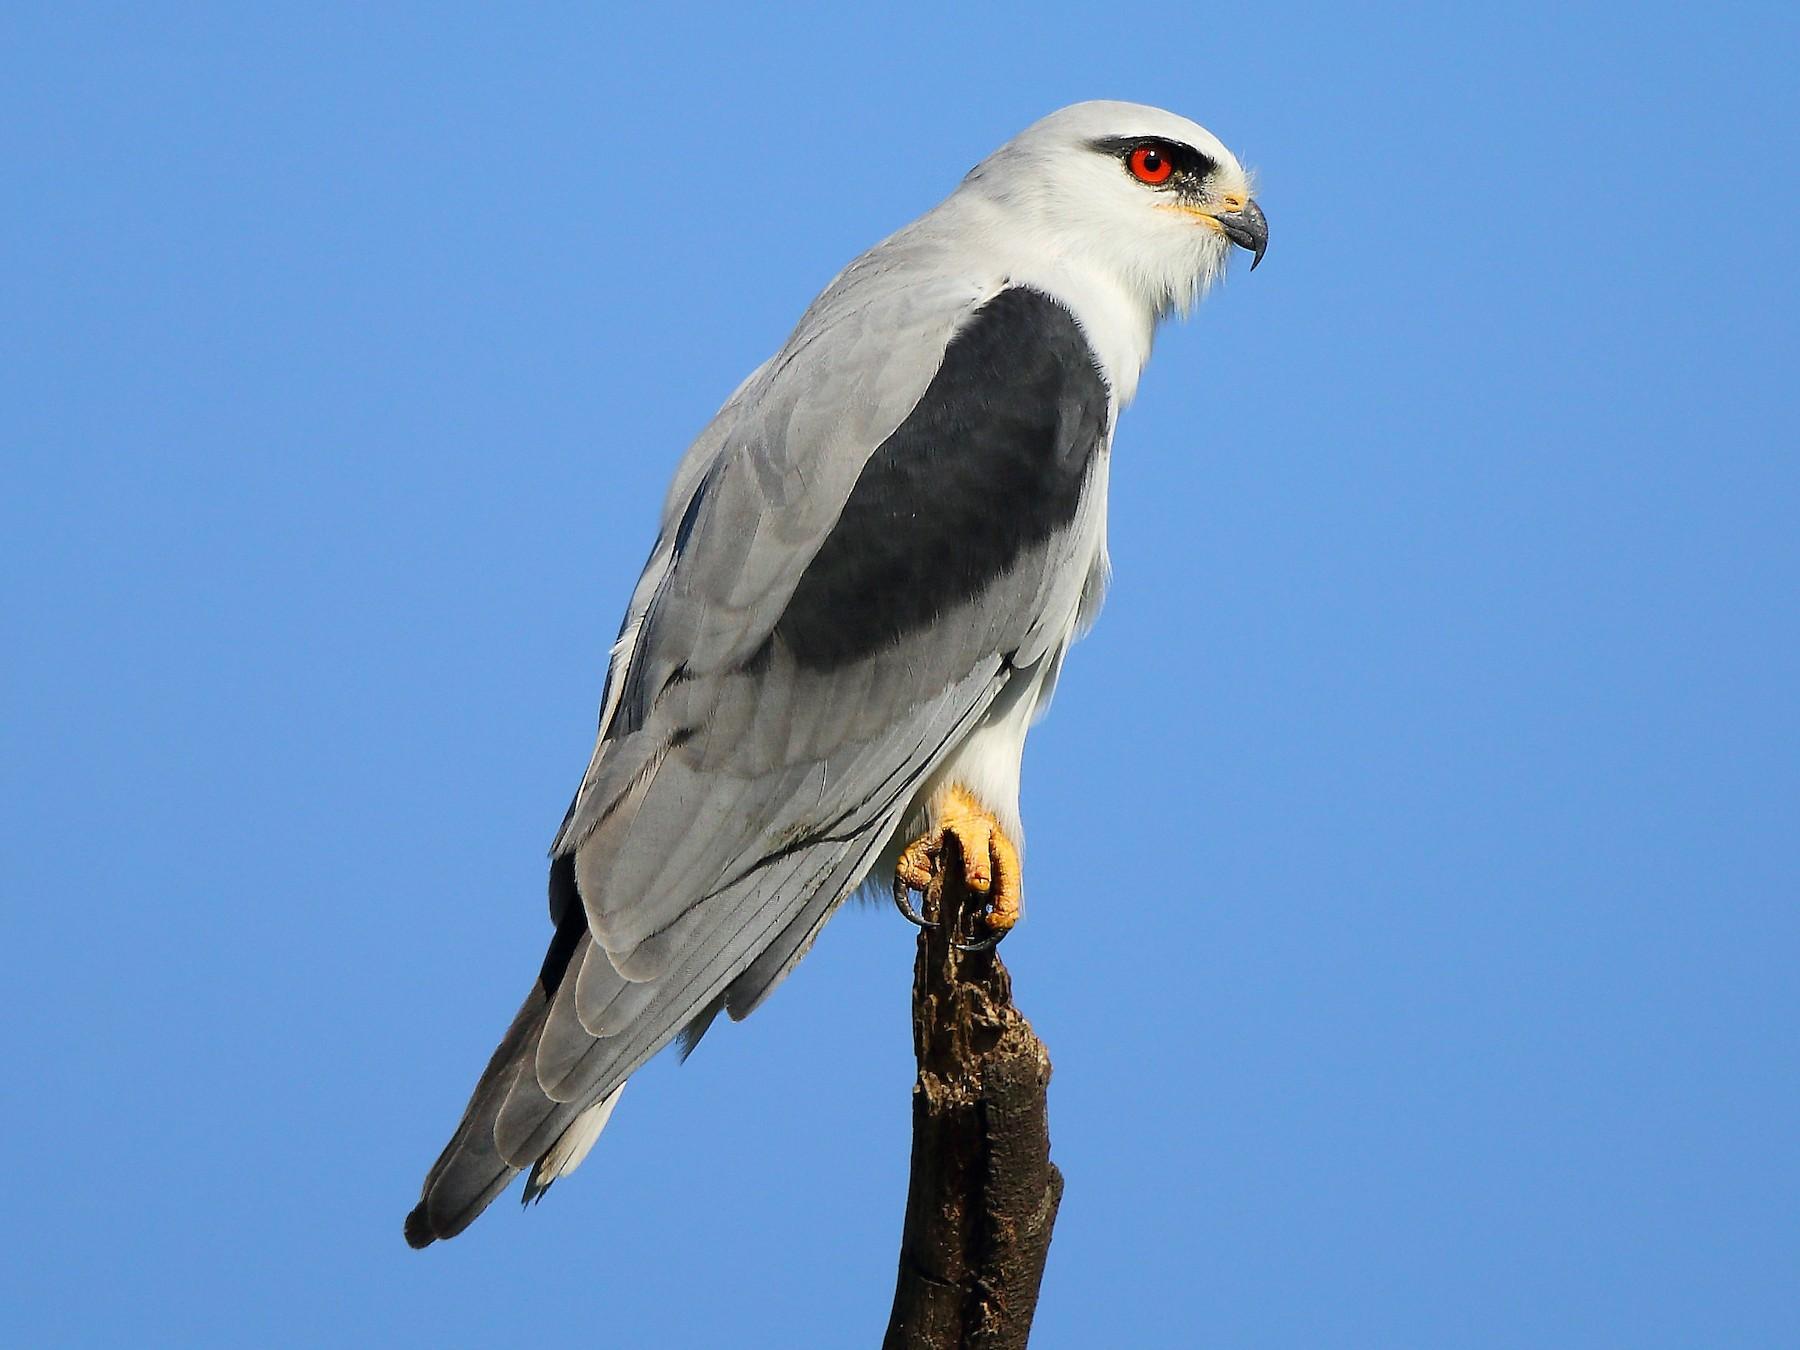 Black-winged Kite - Albin Jacob